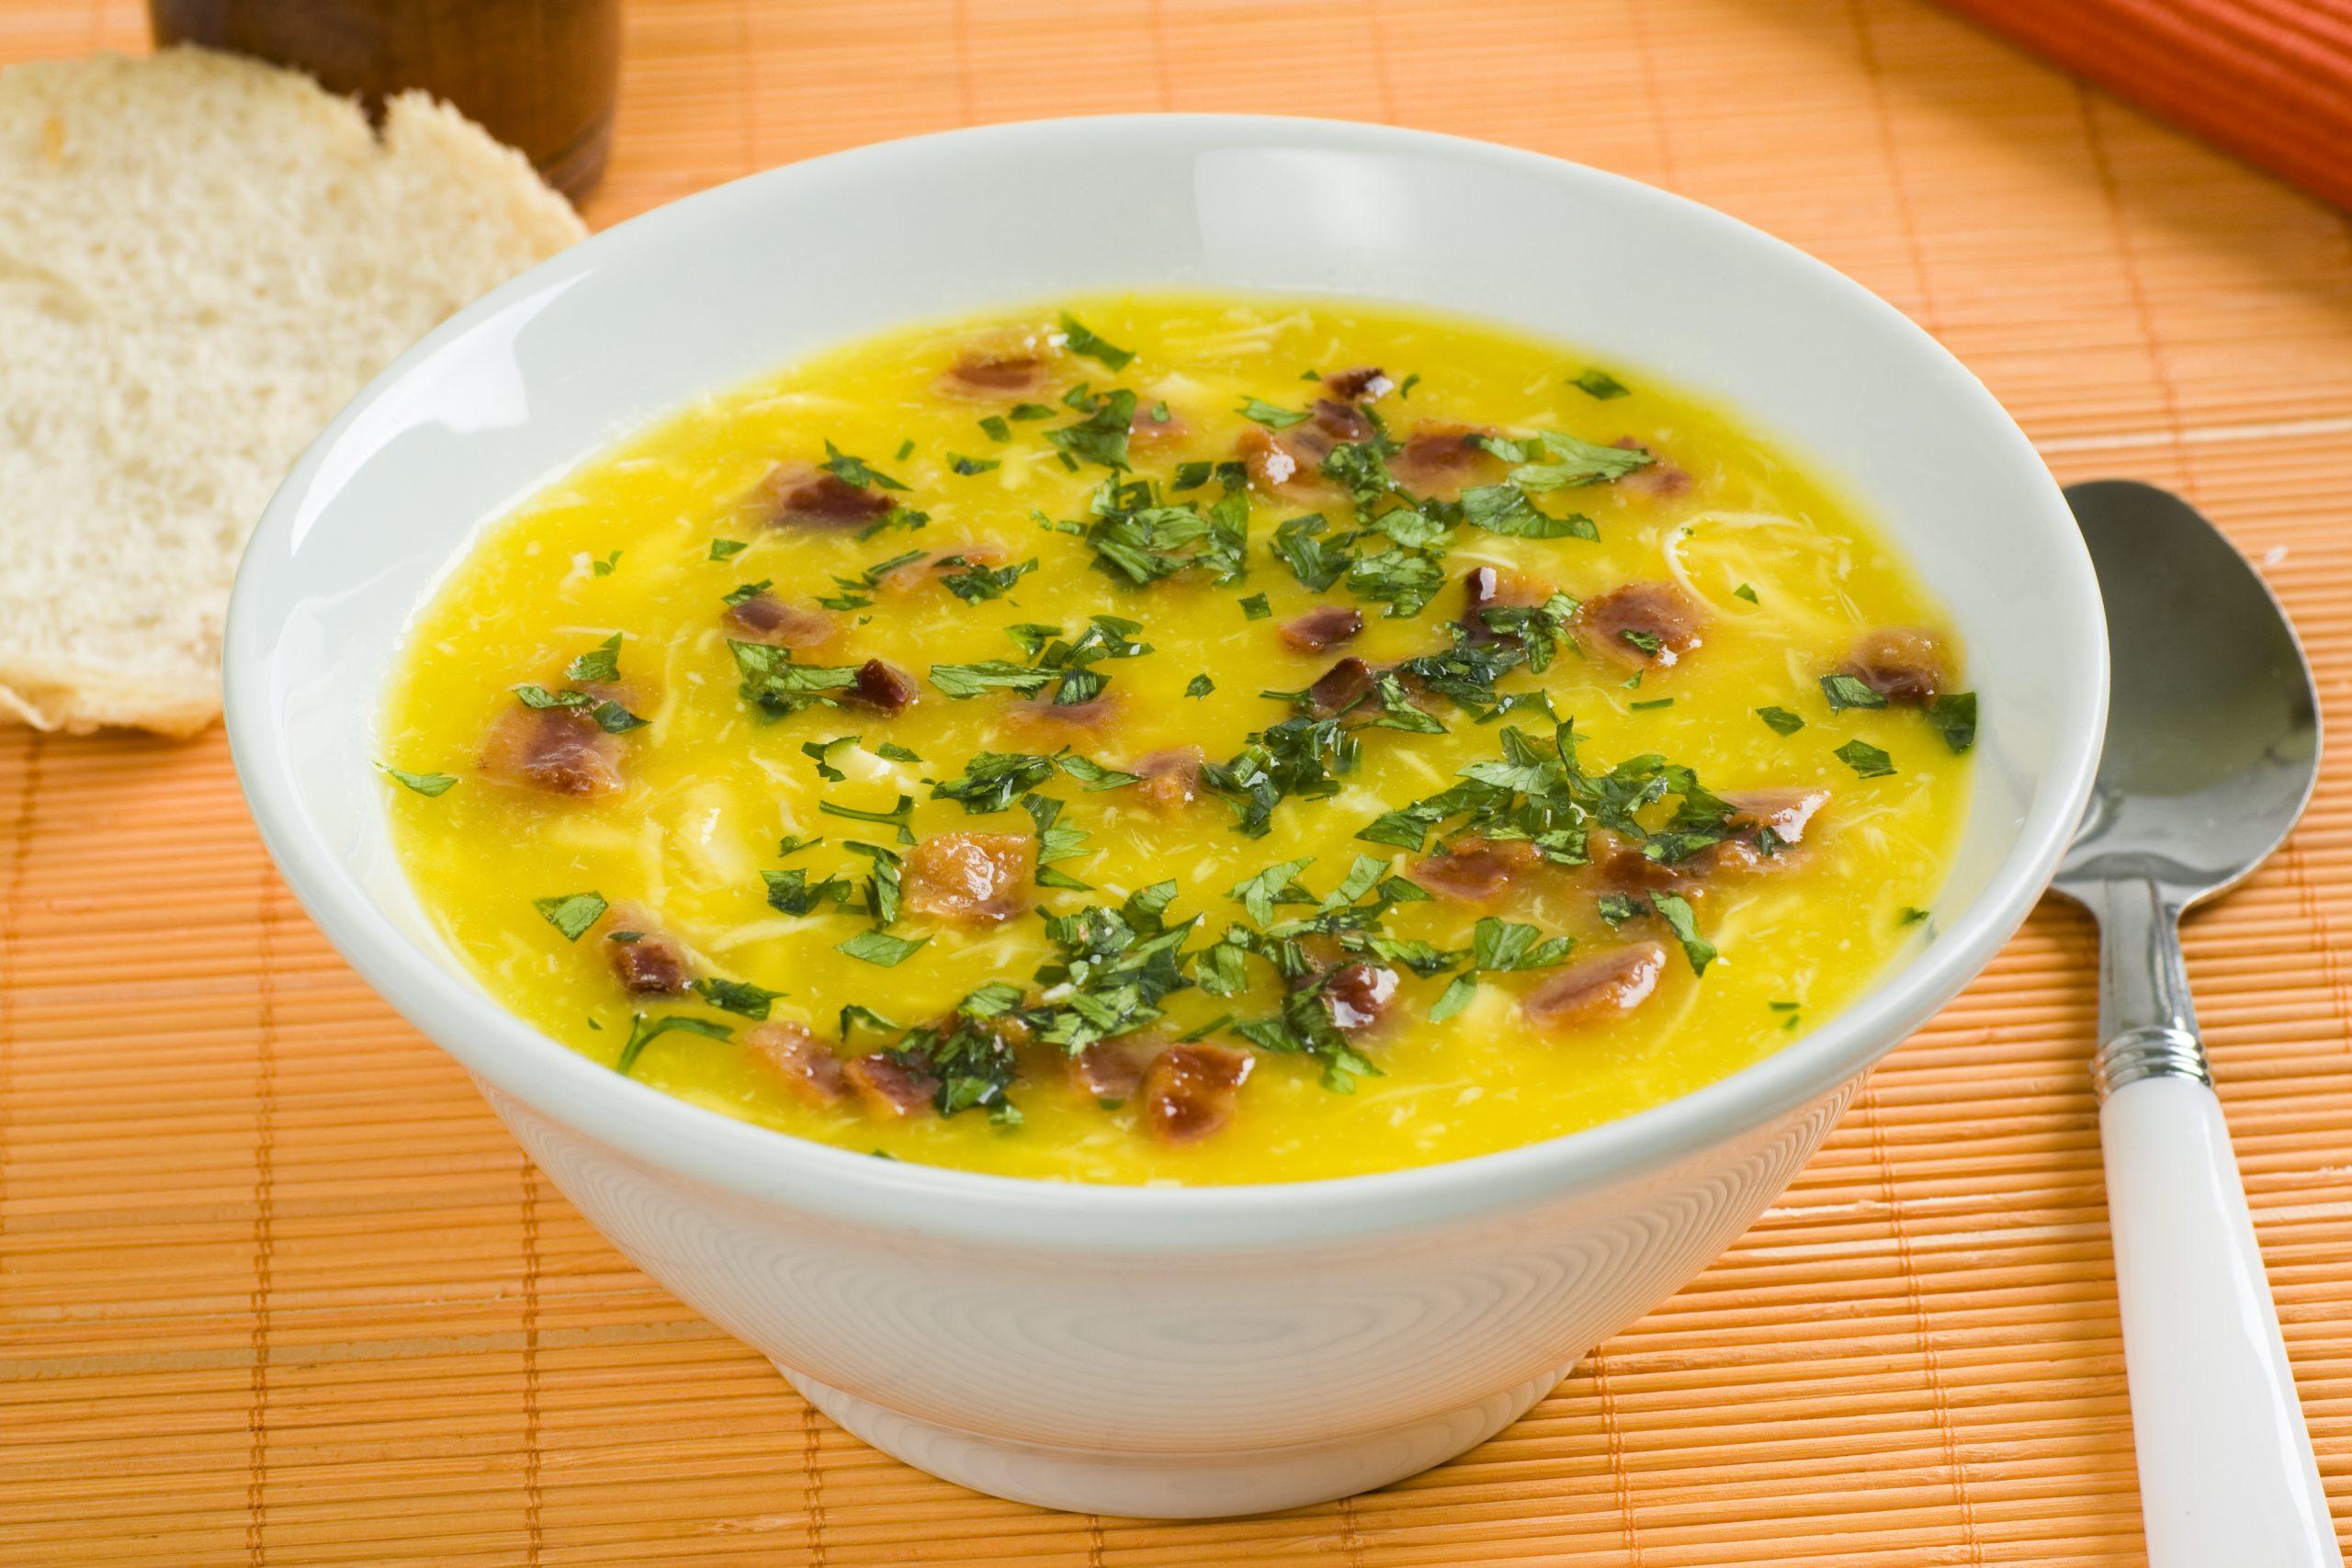 Práticas, rápidas e saudáveis! 3 deliciosas receitas de sopas